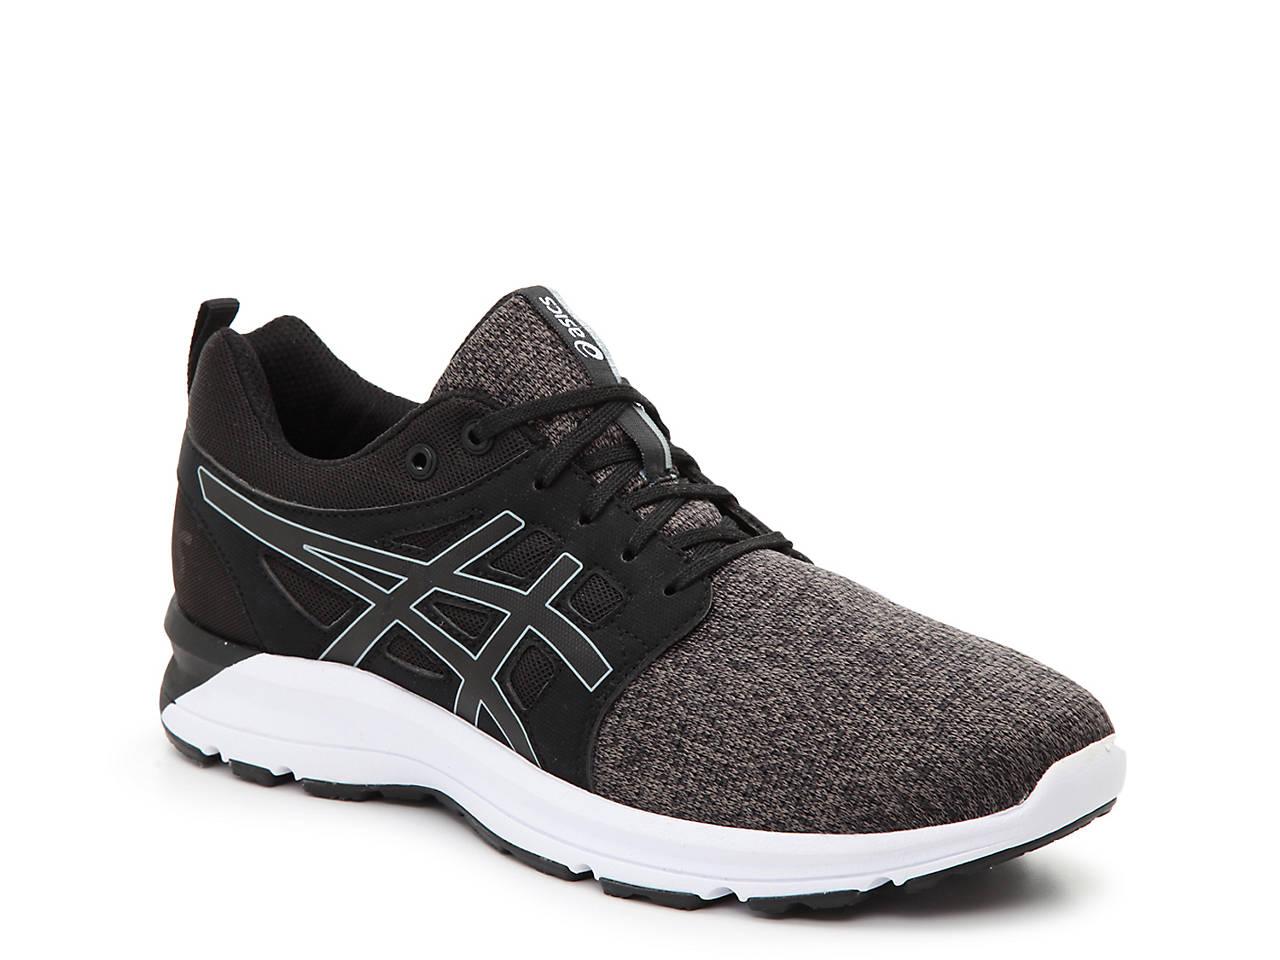 4150b44355b8 ASICS GEL-Torrance Lightweight Running Shoe - Women s Women s Shoes ...